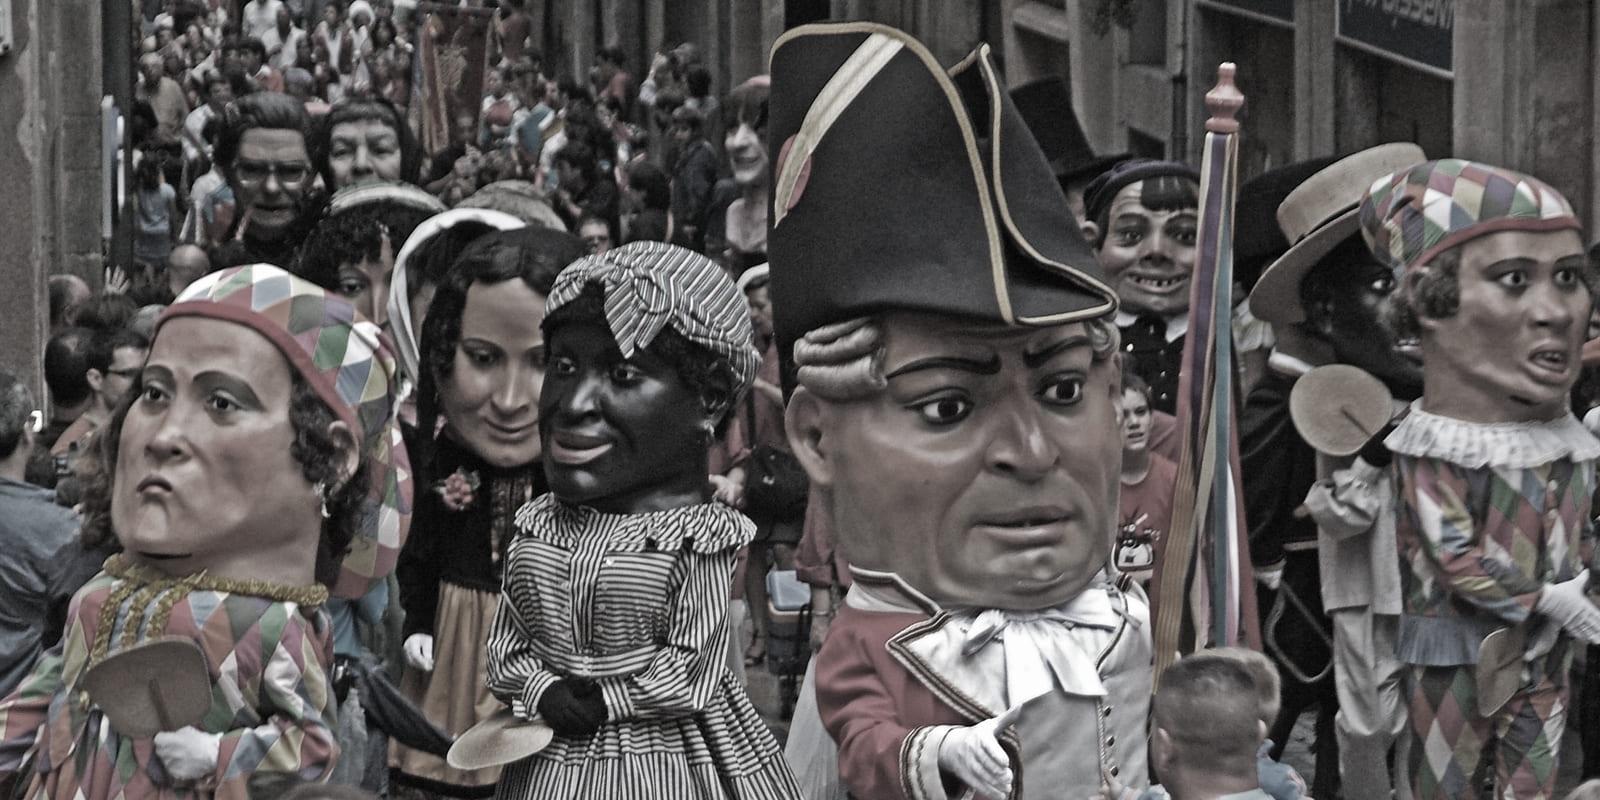 OCOA-SPAIN-DMC-CONCIERGE-CATALUNYA-TARRAGONA-FESTES-CAPGROSSOS-3